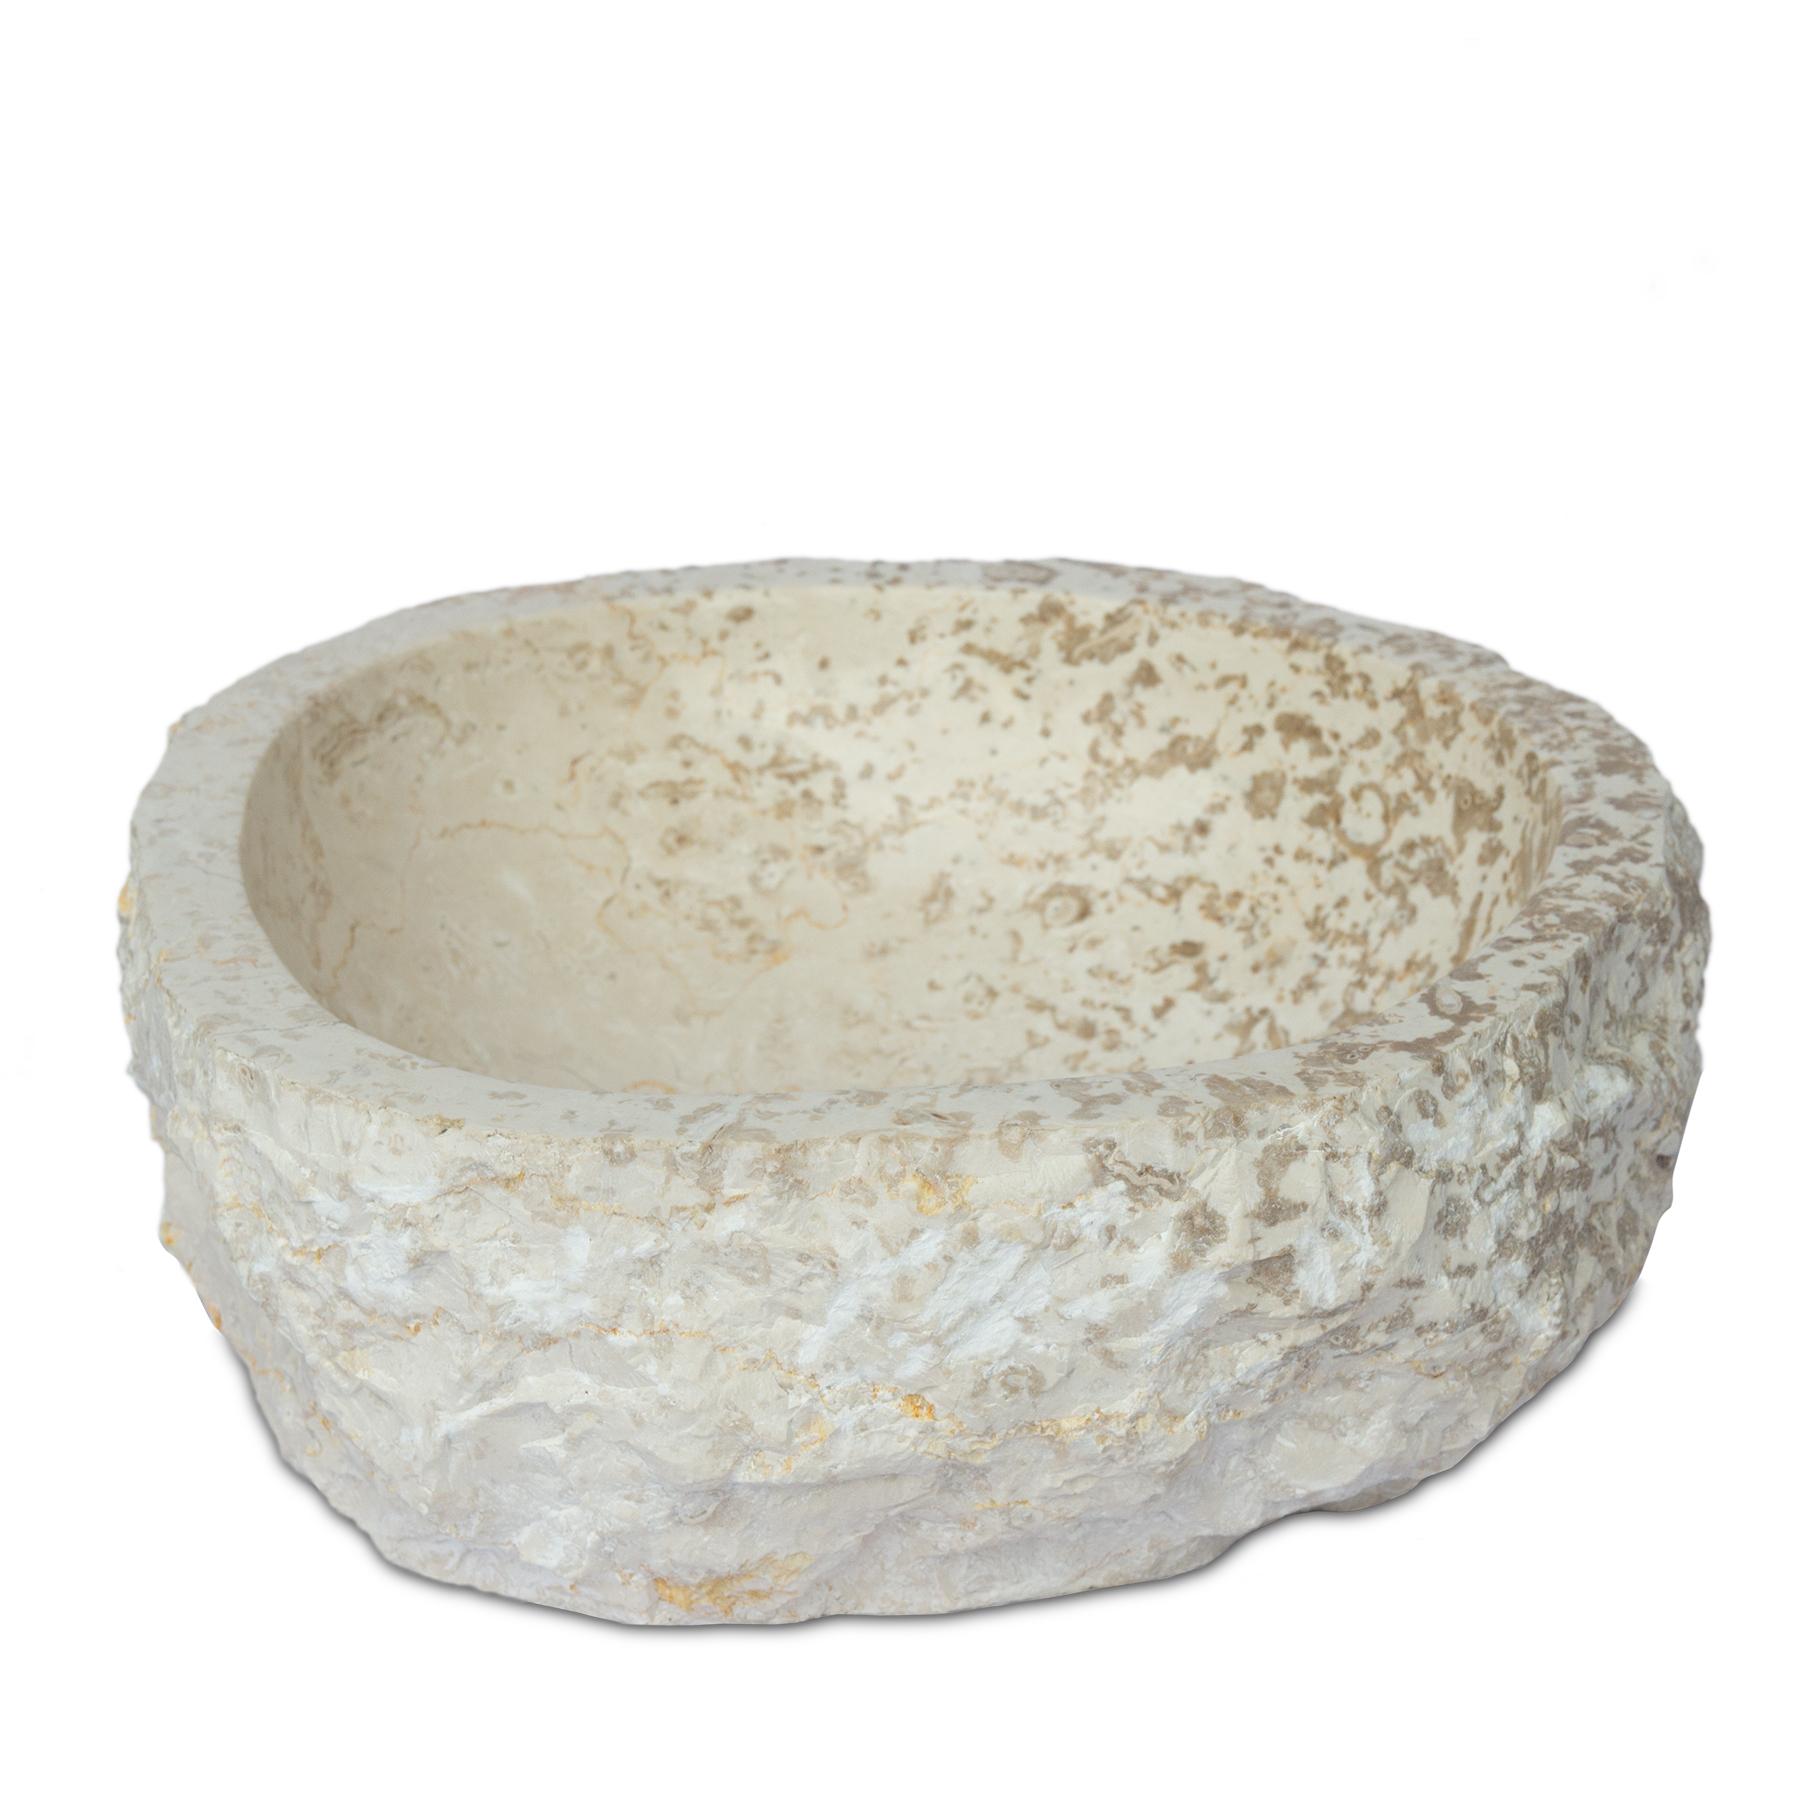 Marmor Waschbecken Hell ca. 39cm | Handwaschbecken Waschschale Aufsatzwaschbecken Massiv Naturstein – Bild 5